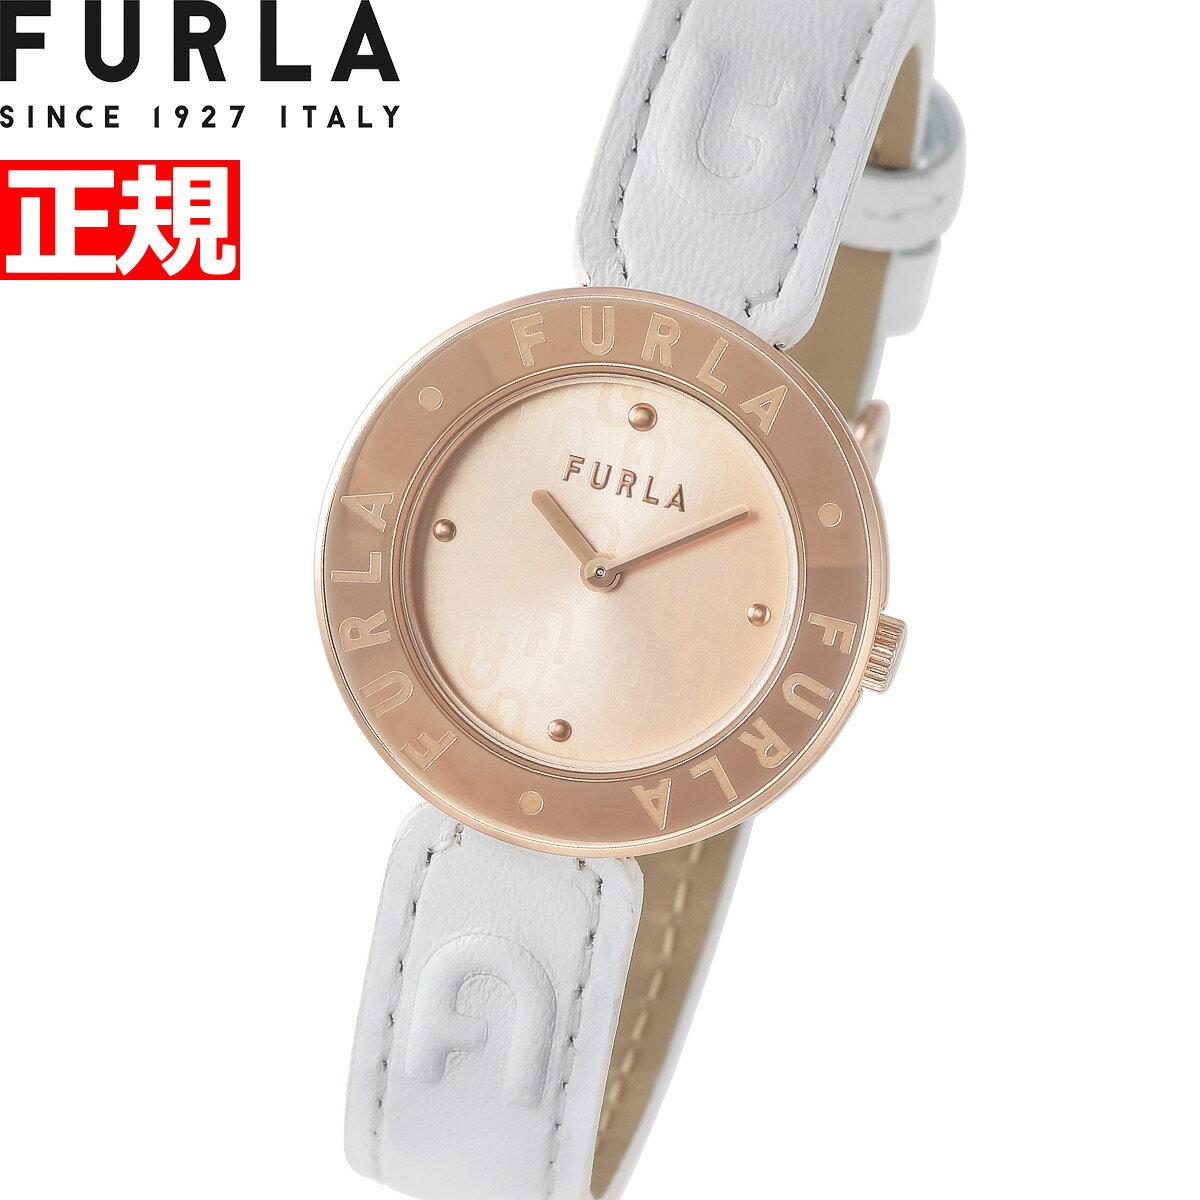 腕時計, レディース腕時計 35.5 Furla FURLA ESSENTIAL WW00004005L32020